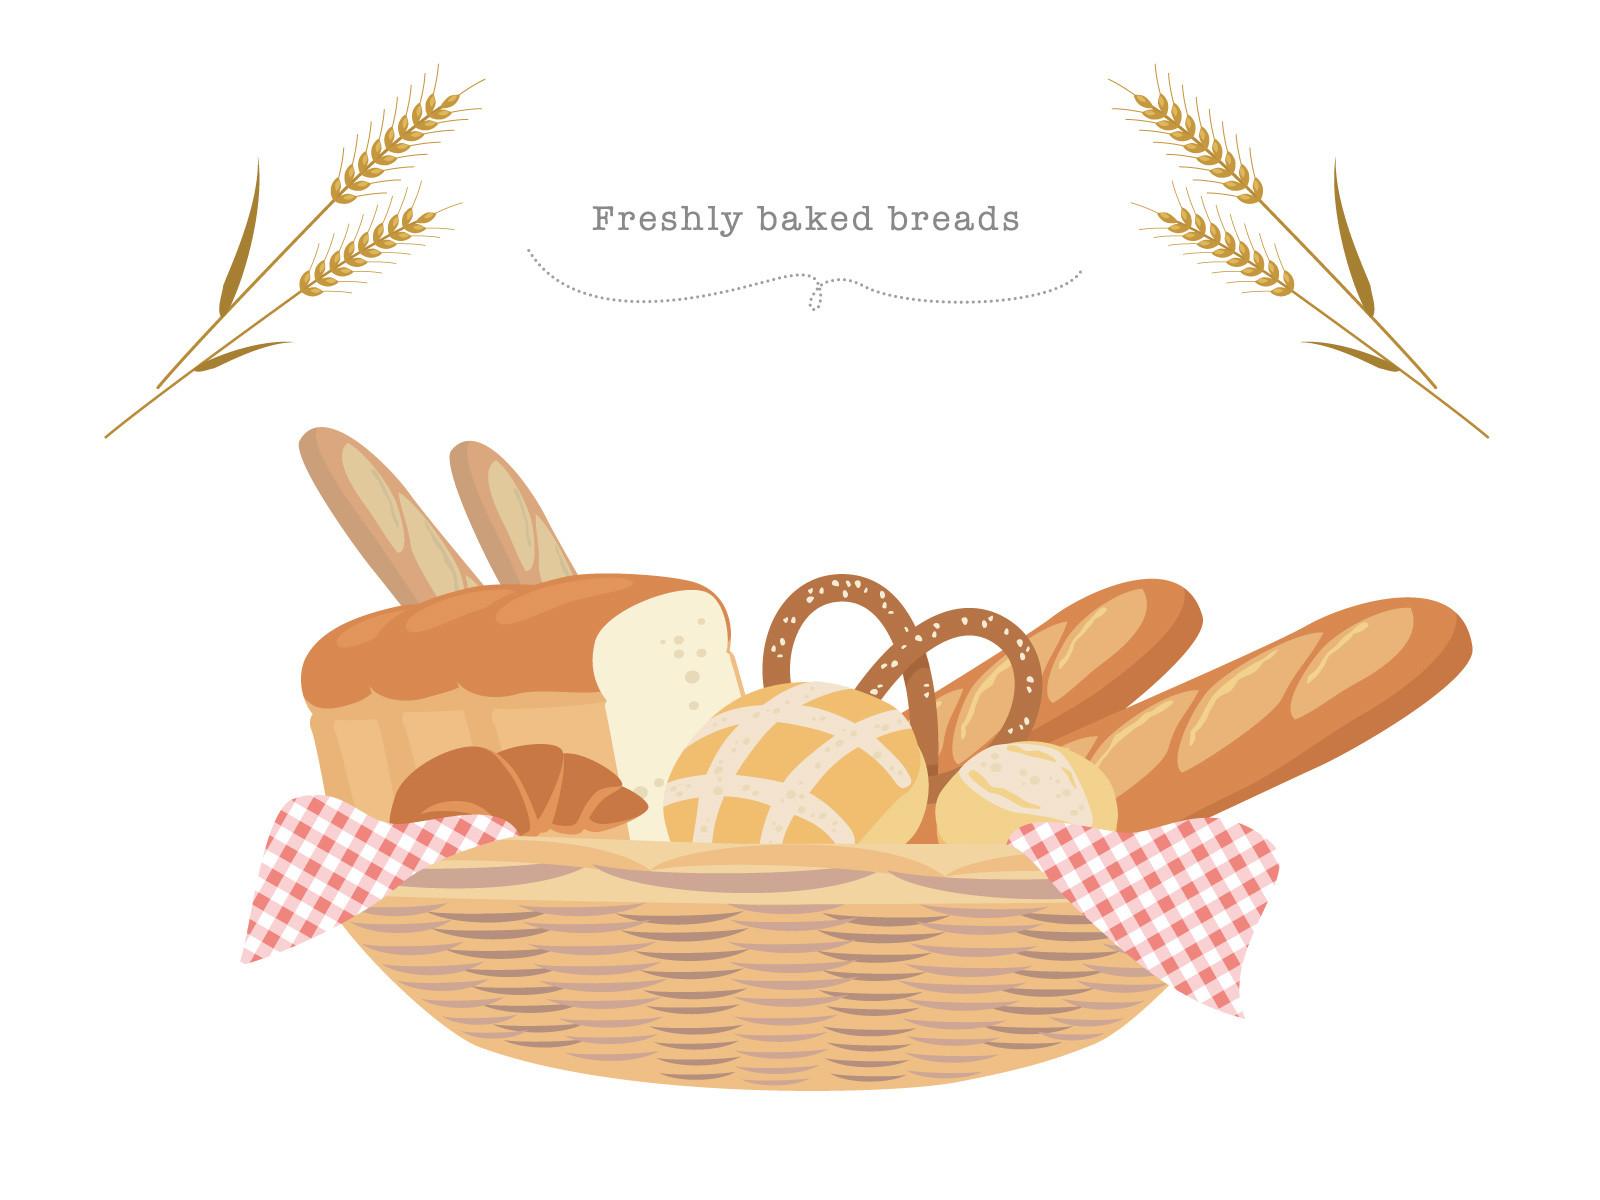 手作りパンの賞味期限と消費期限はどのくらい?冷凍保存できるの?